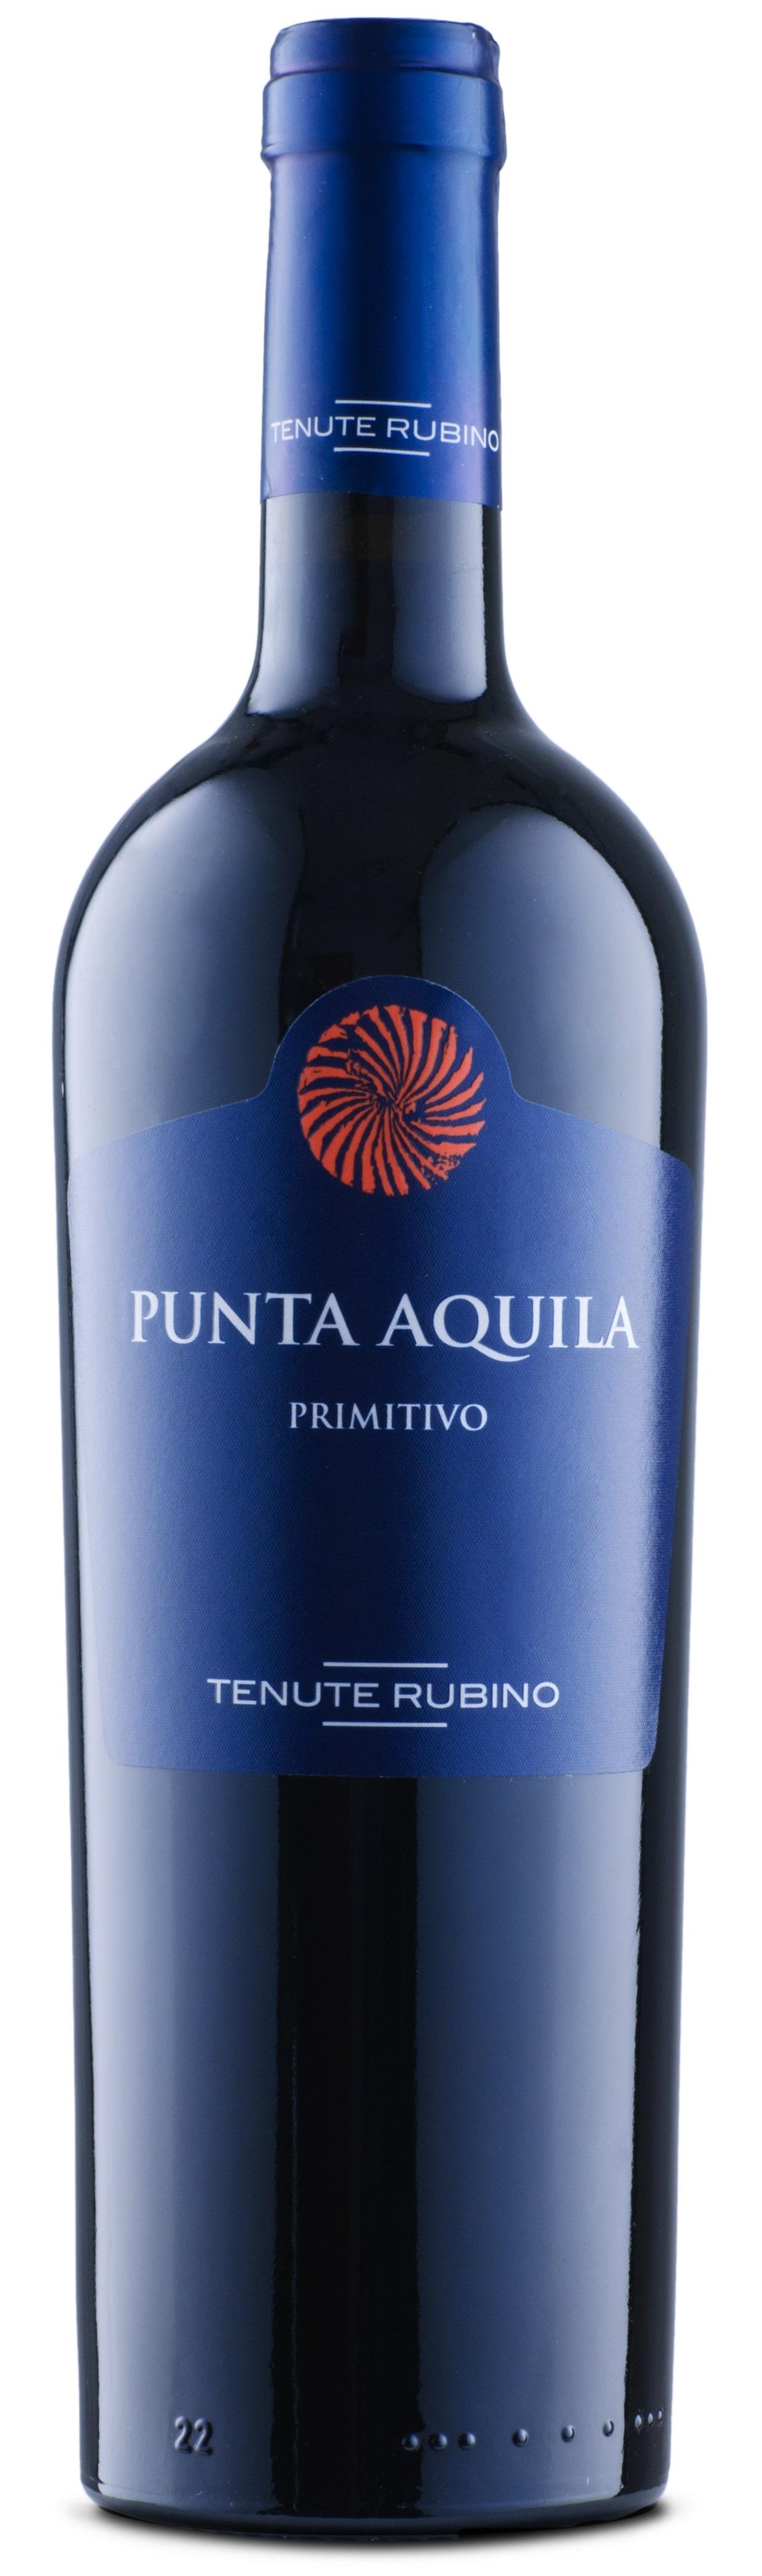 Punta Aquila